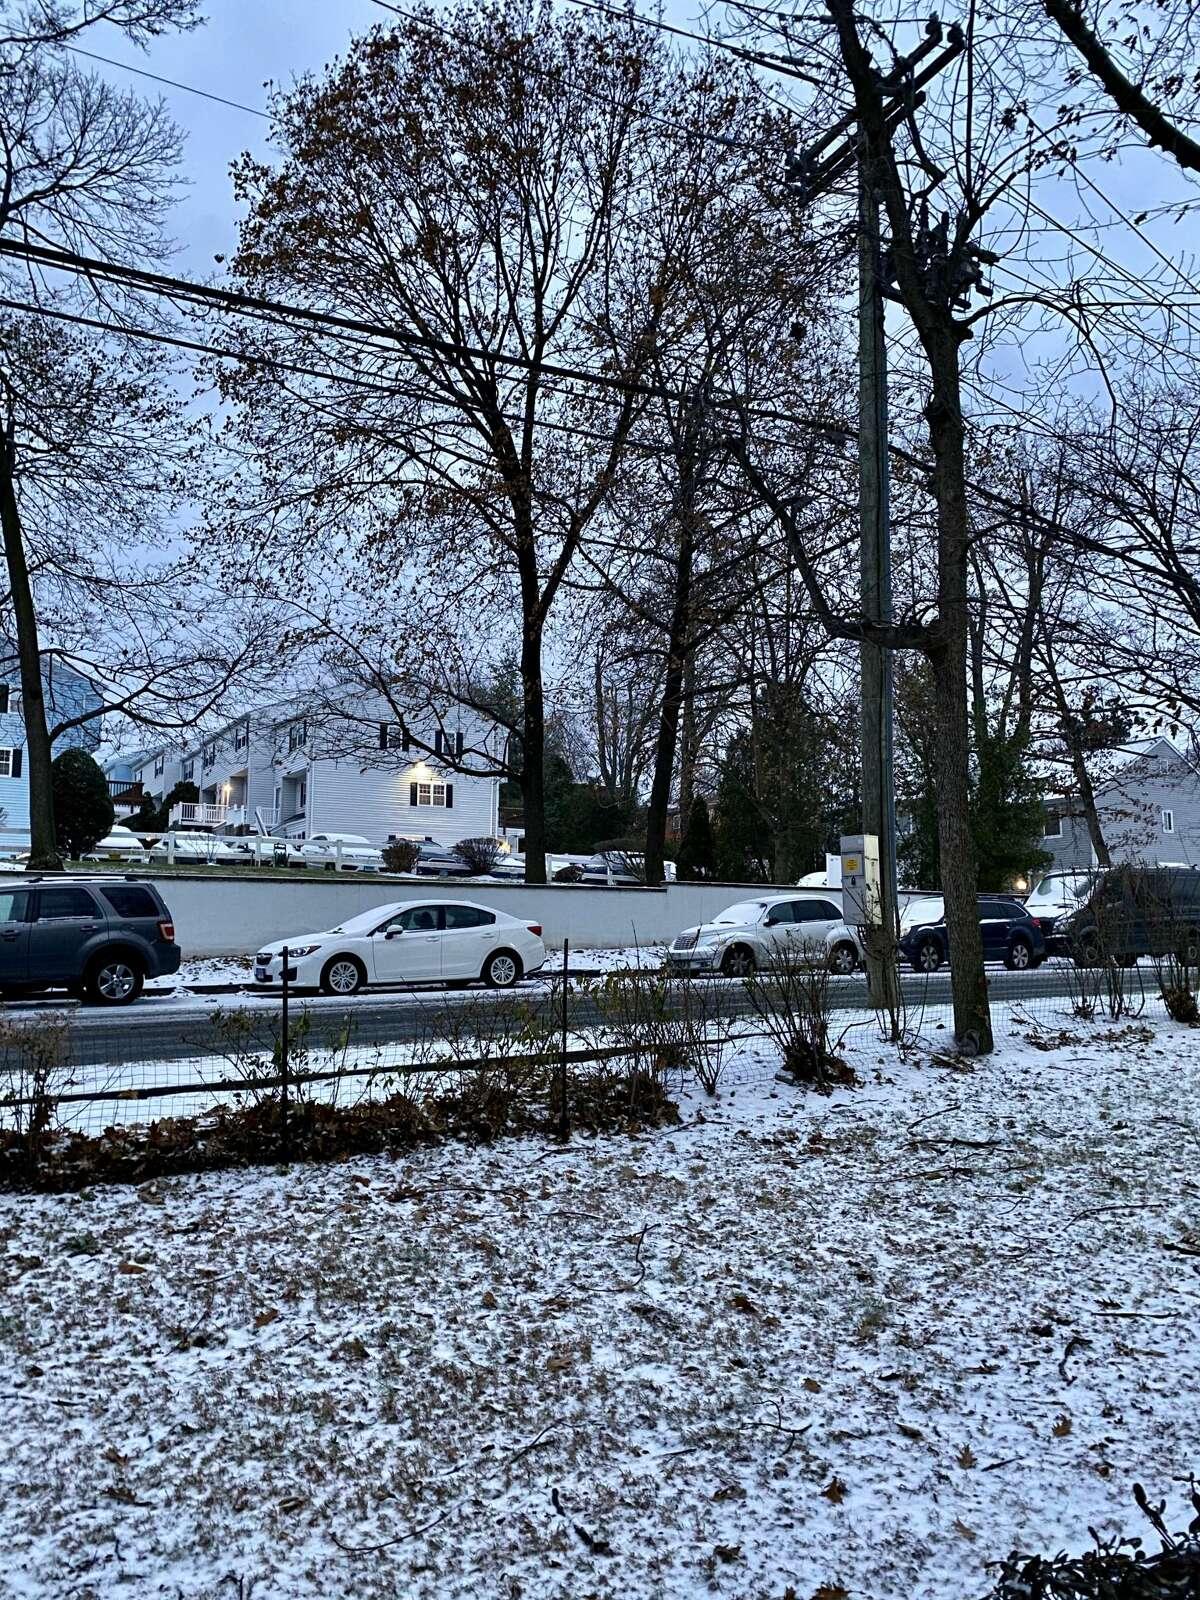 Snowfall in Norwalk, Conn. on December 1st